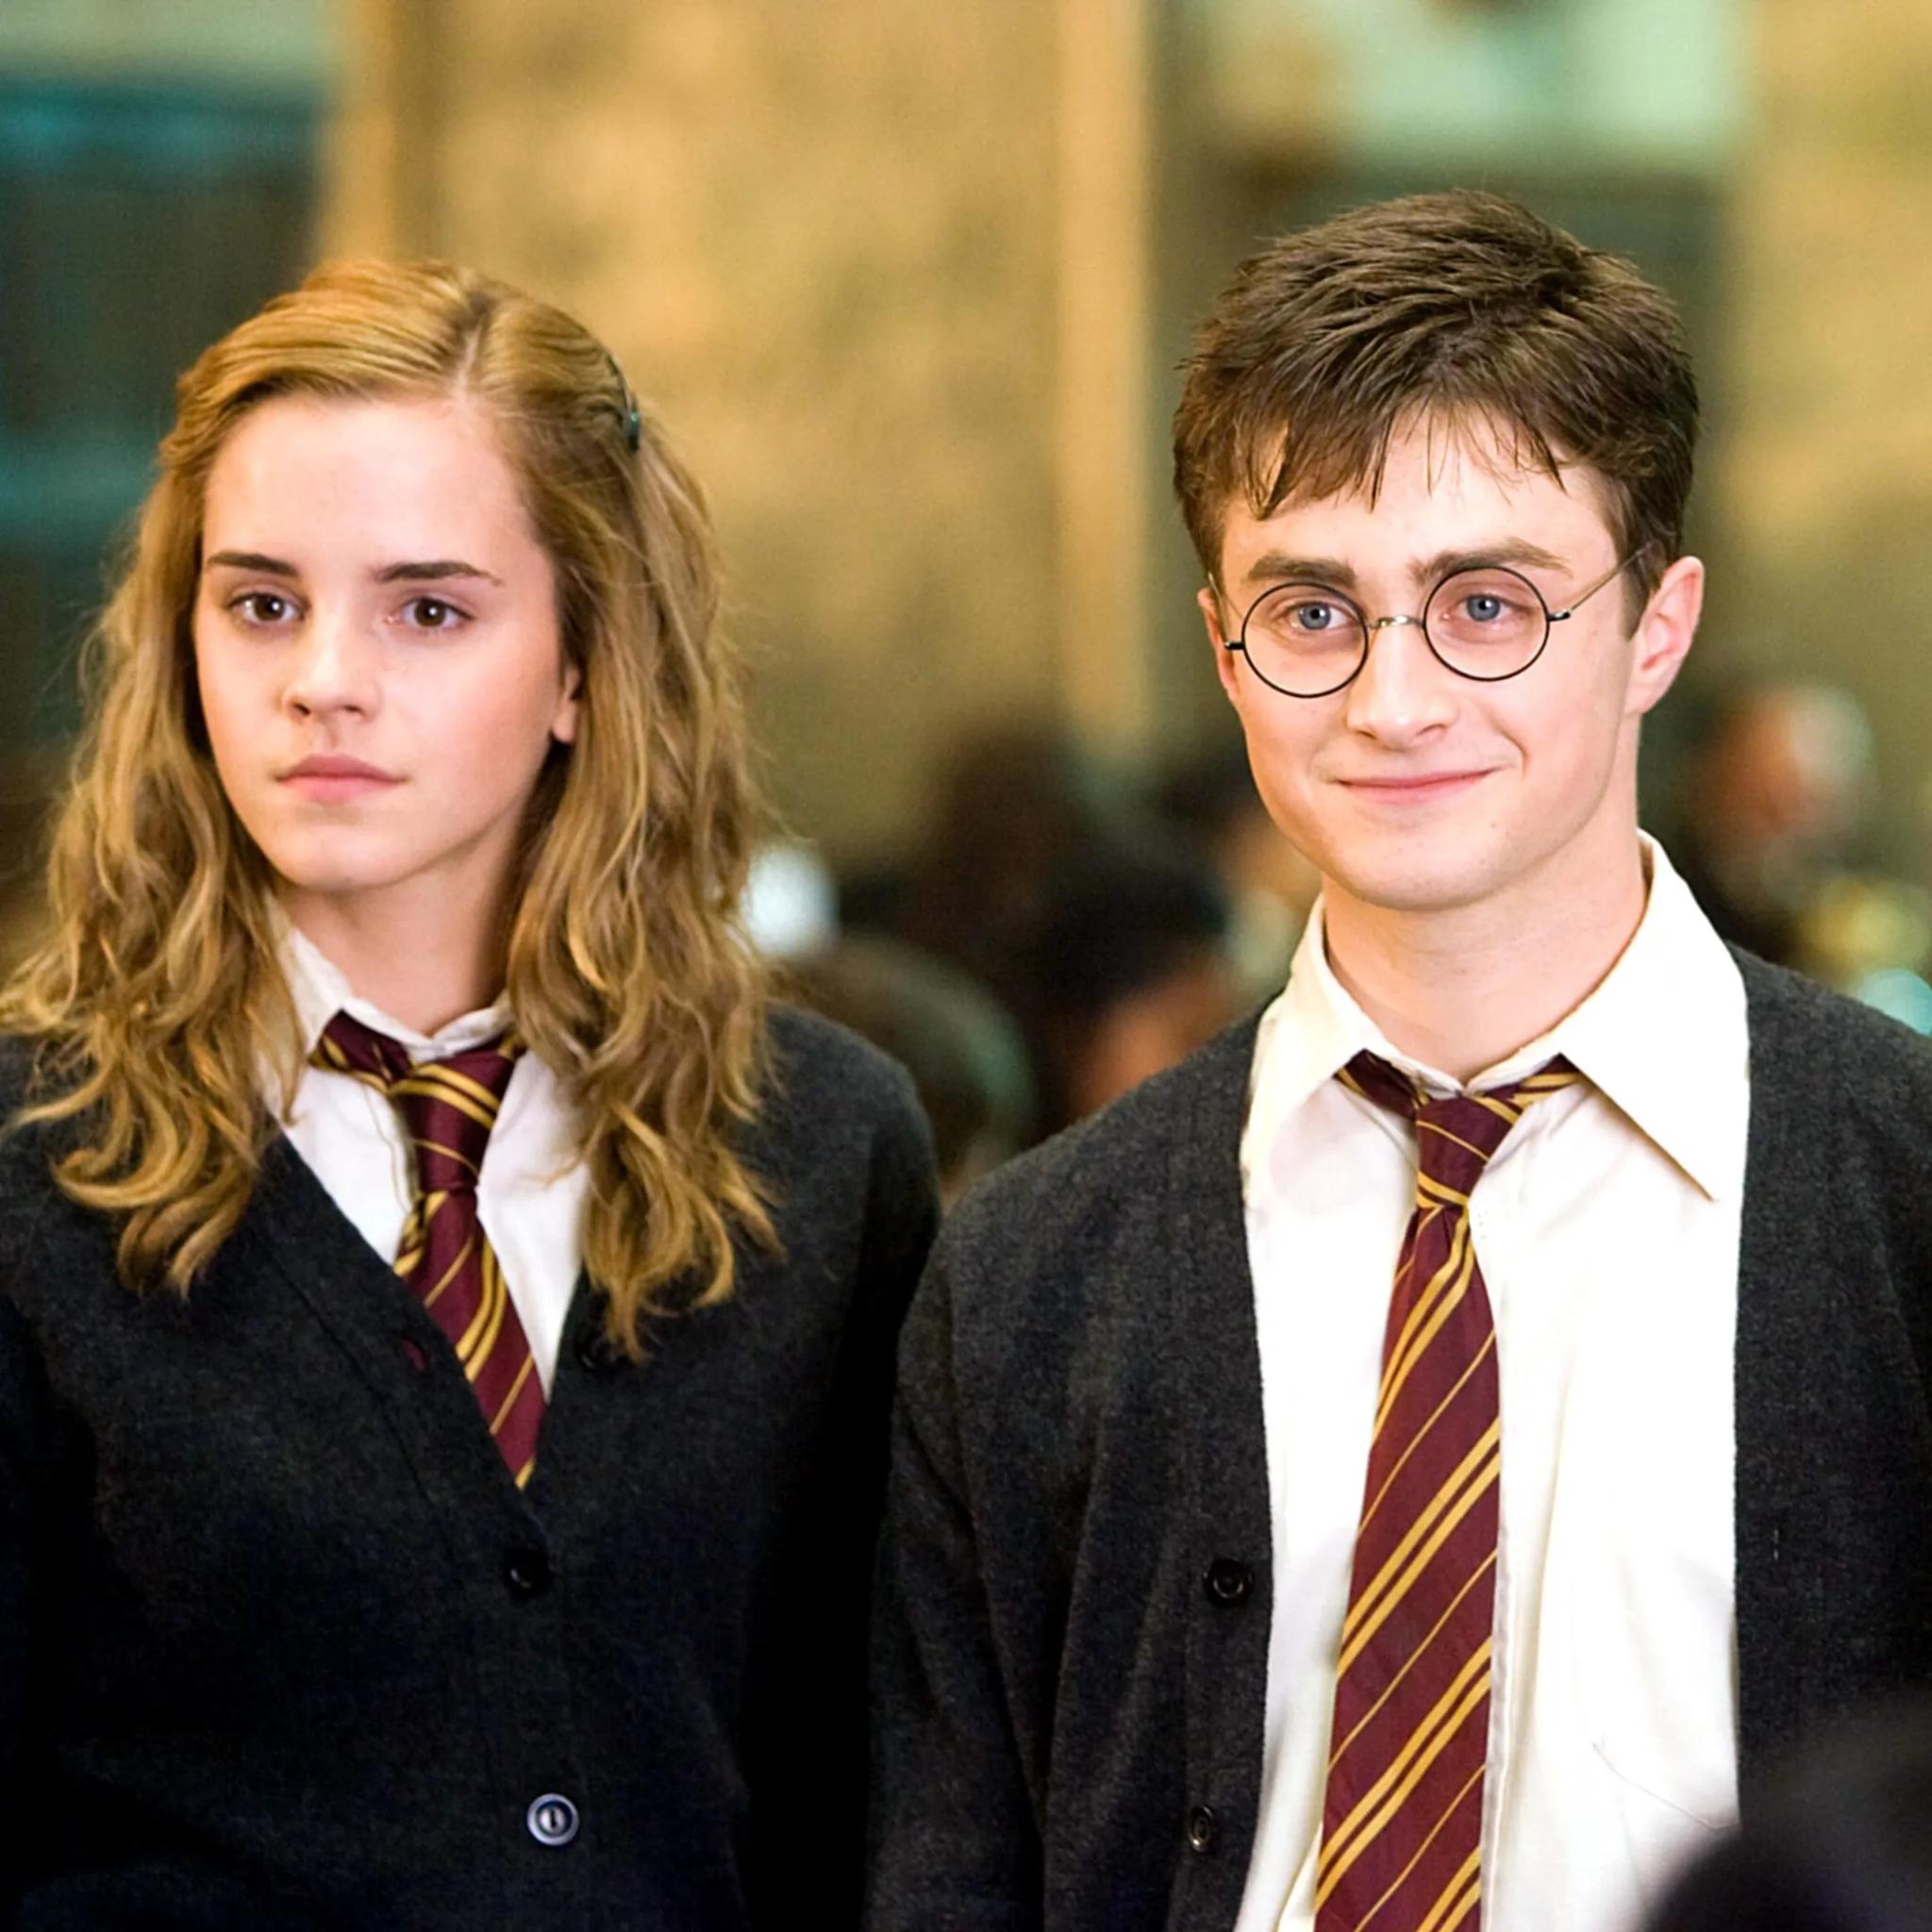 6 sự thật té ngửa ở hậu trường Harry Potter: Phần 5 phải dừng quay vì Hermione và Harry, tạo hình Voldemort suýt nữa thì khác - Ảnh 5.